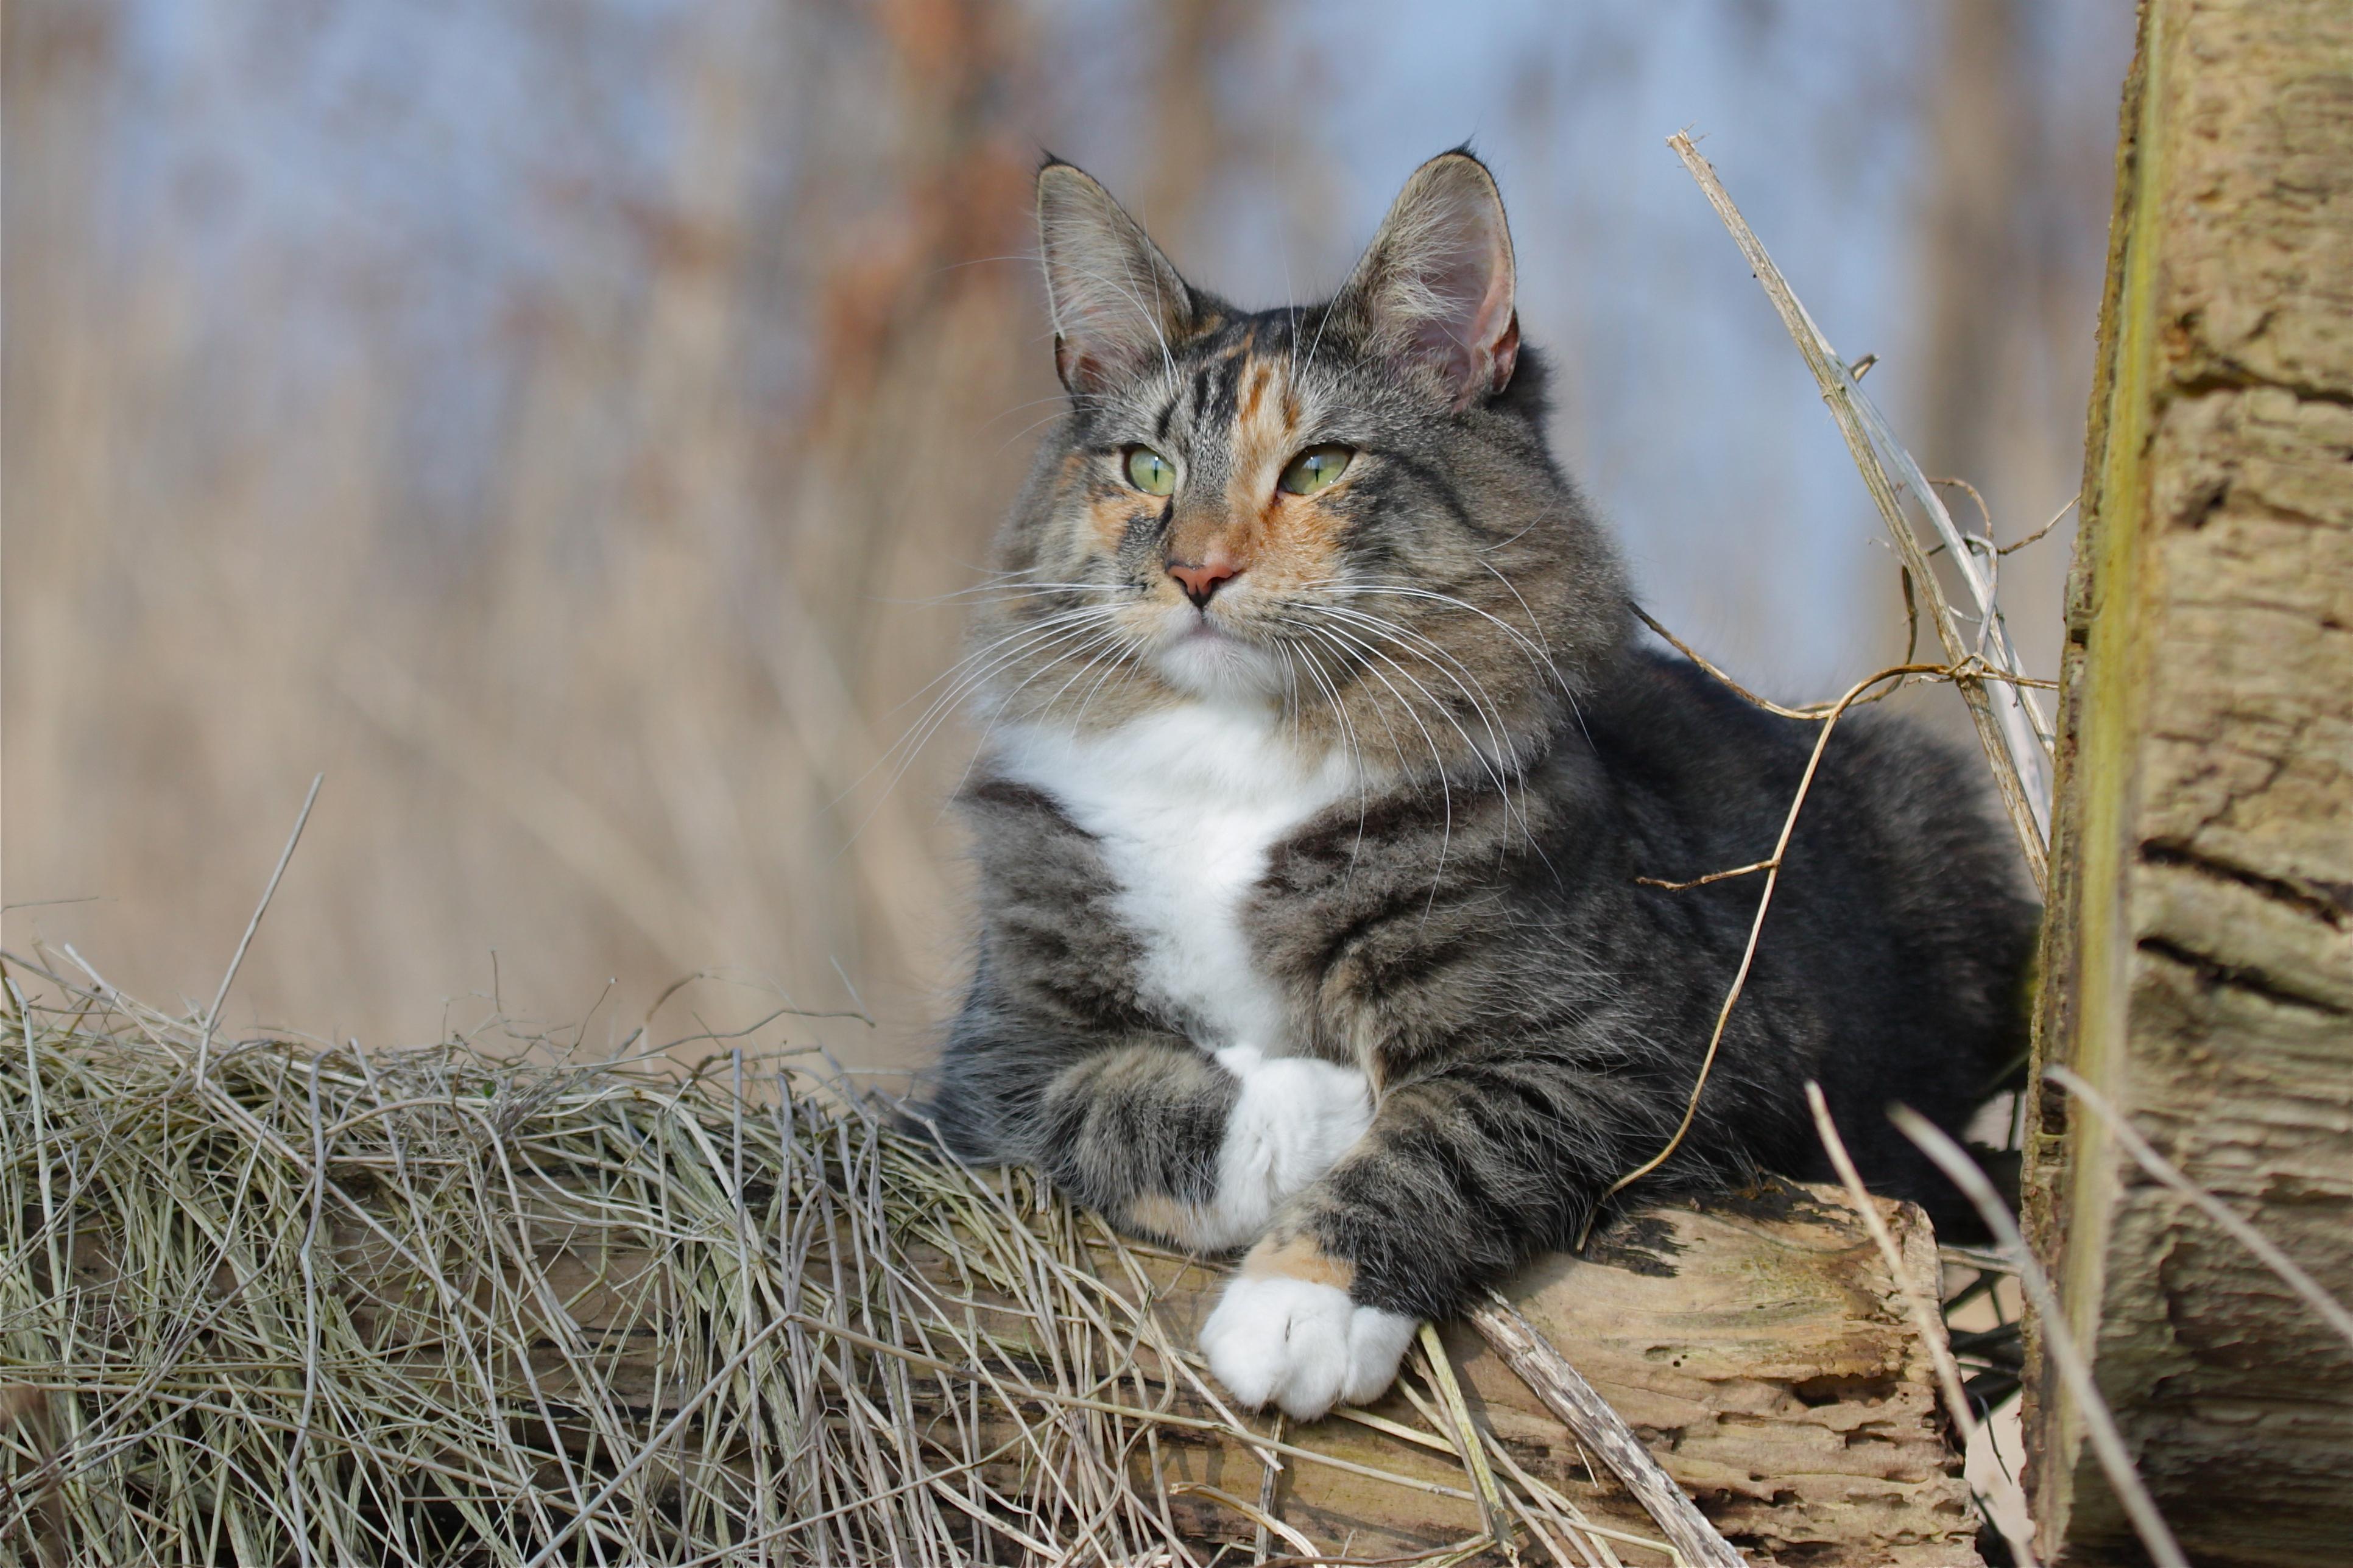 Sfondi erba natura barba gatto selvatico gattino for Gatto della foresta norvegese